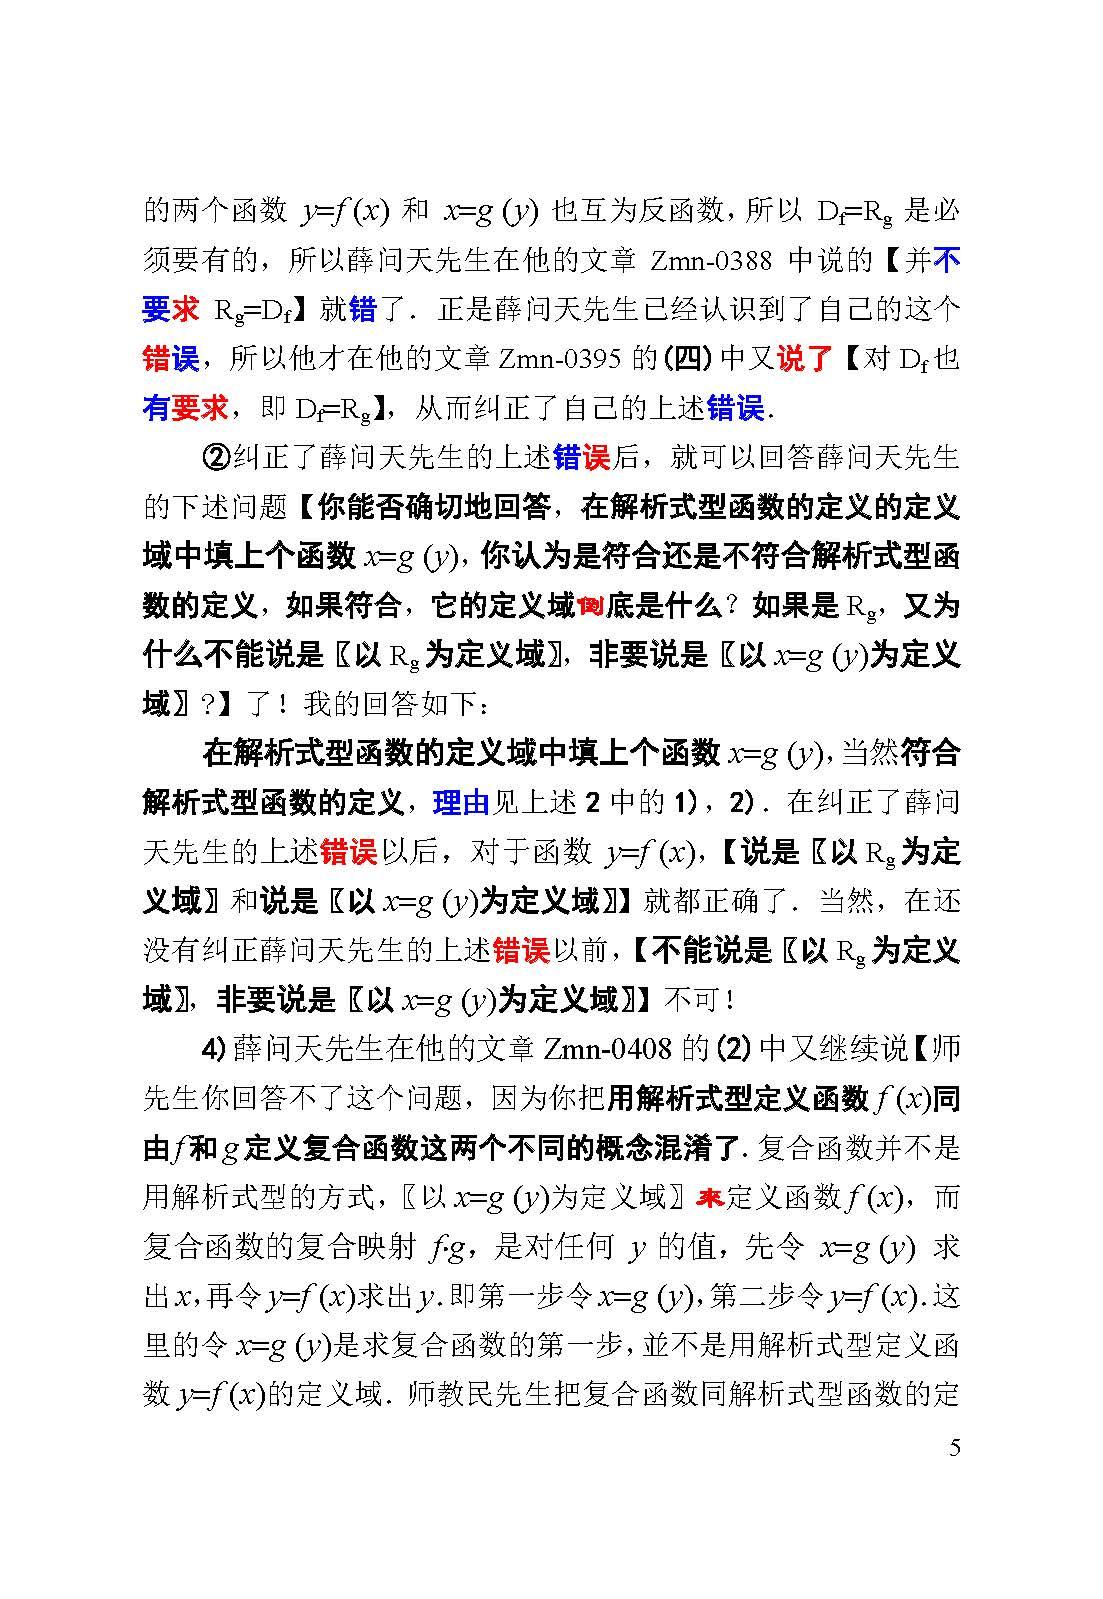 评薛问天先生的文章0408_页面_05.jpg